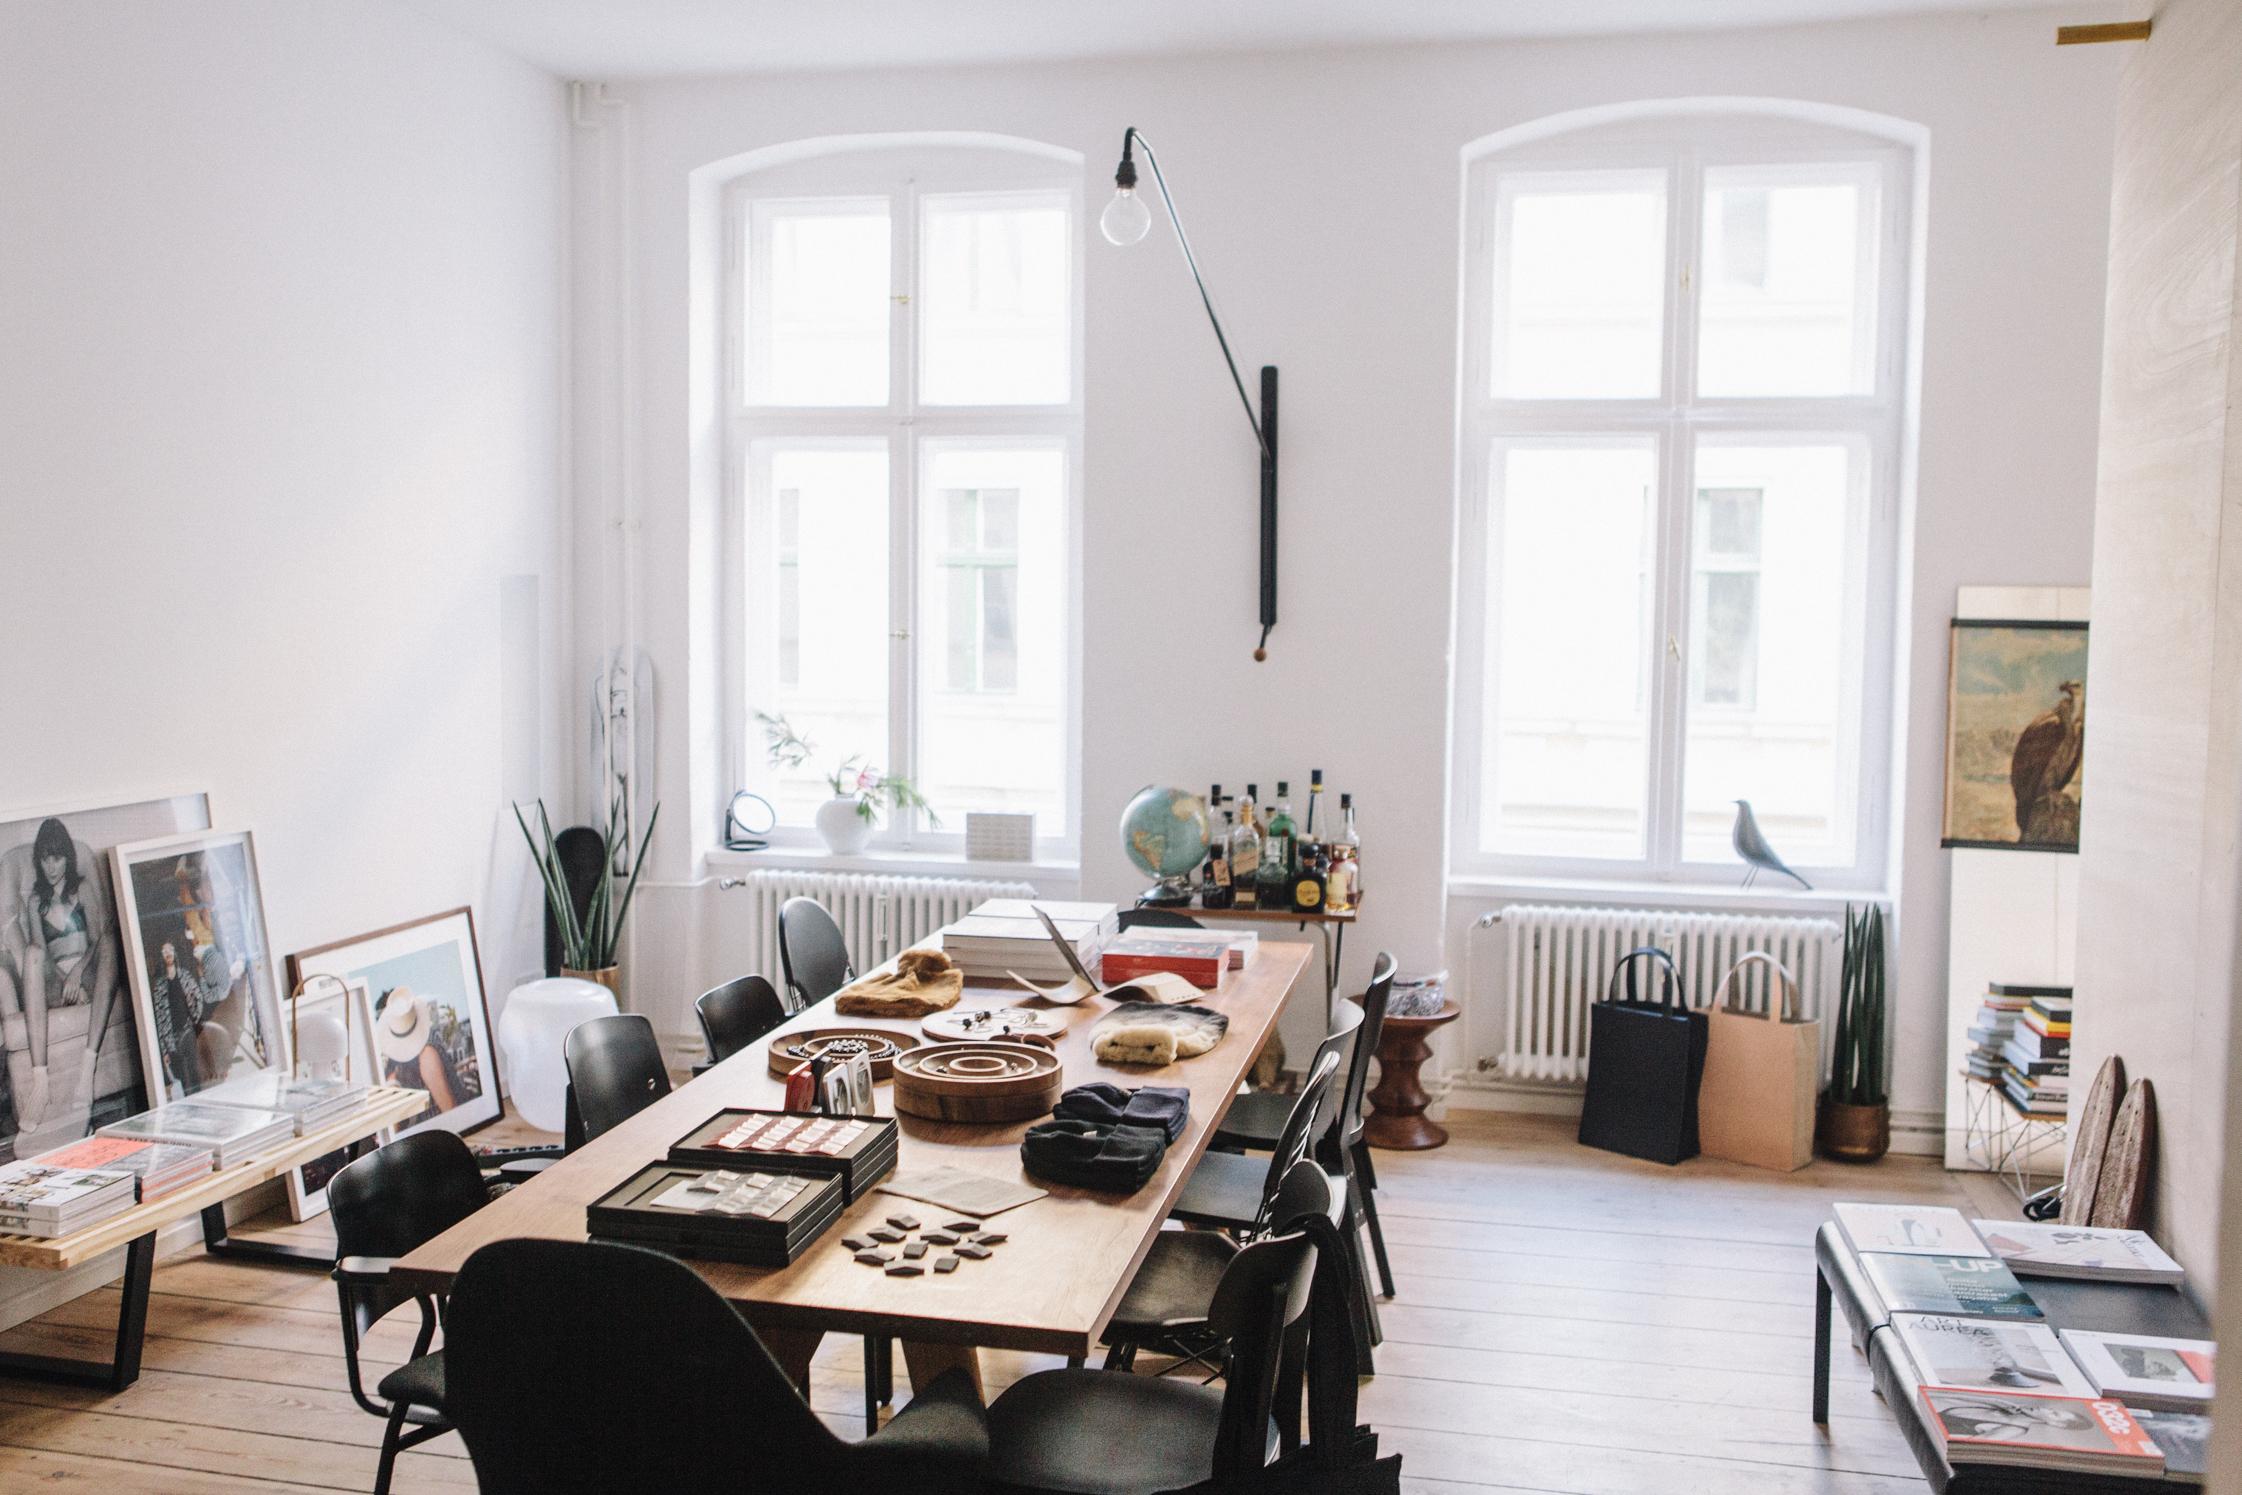 freunde von freunden pop up shop 021 freunde von freunden. Black Bedroom Furniture Sets. Home Design Ideas